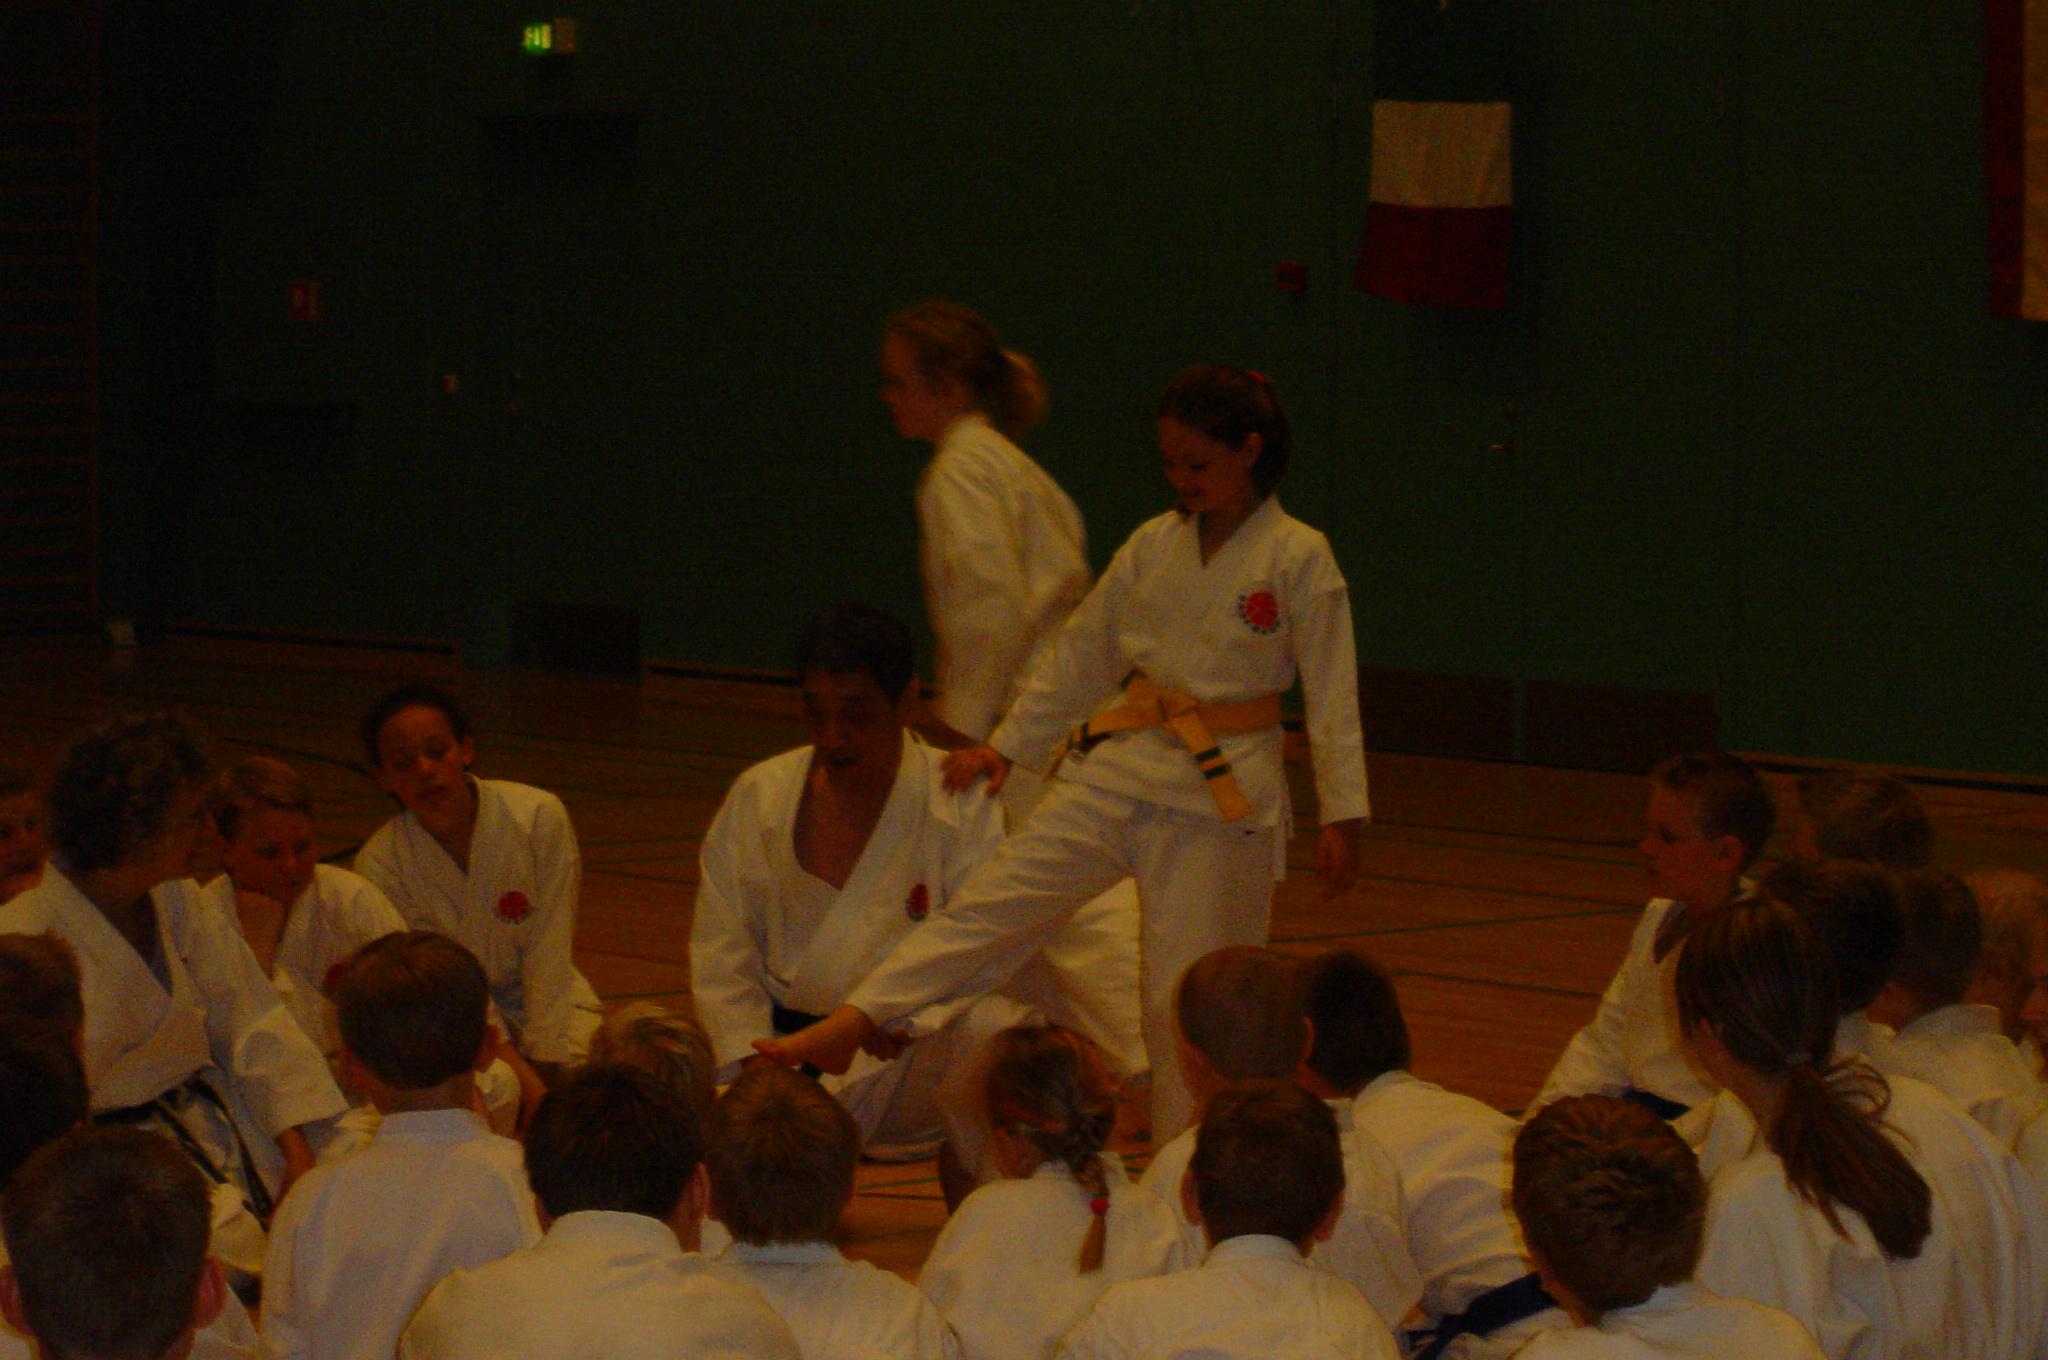 Sakagami sensai seminar 2004 075 (3)